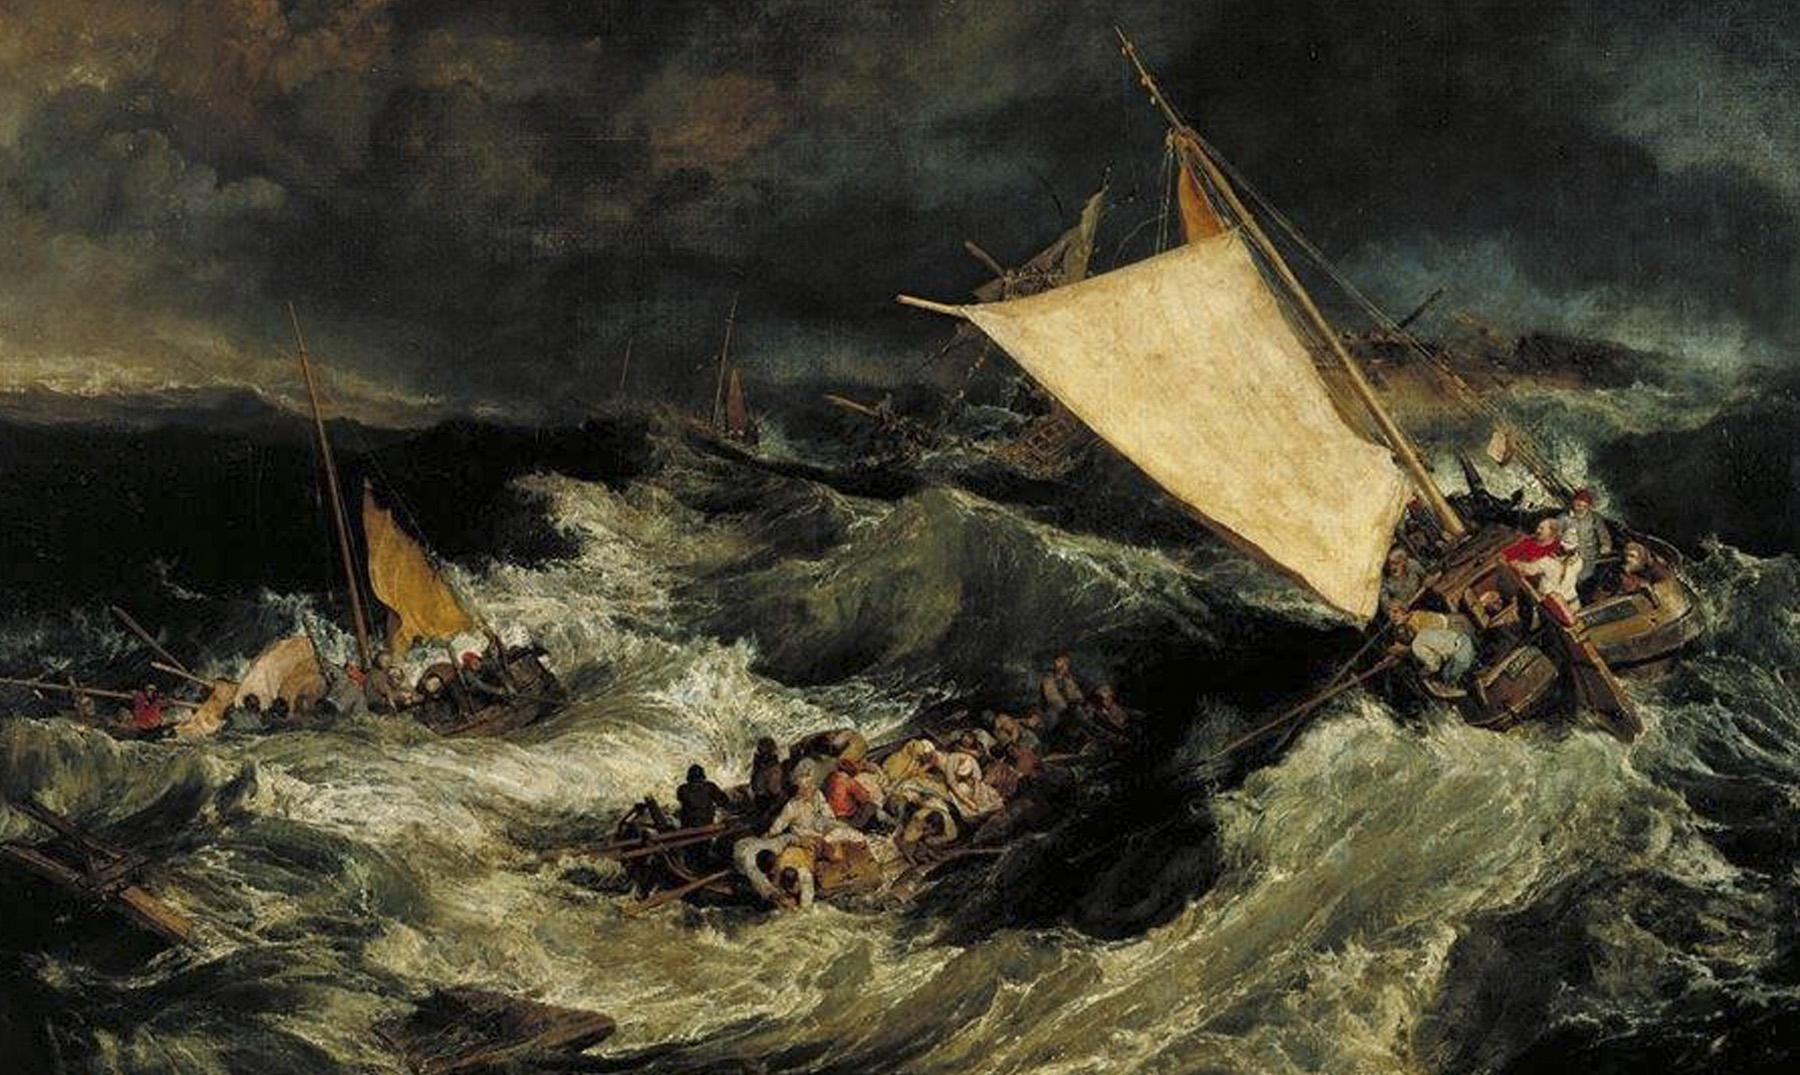 El Essex, una historia de ballenas, canibalismo y literatura